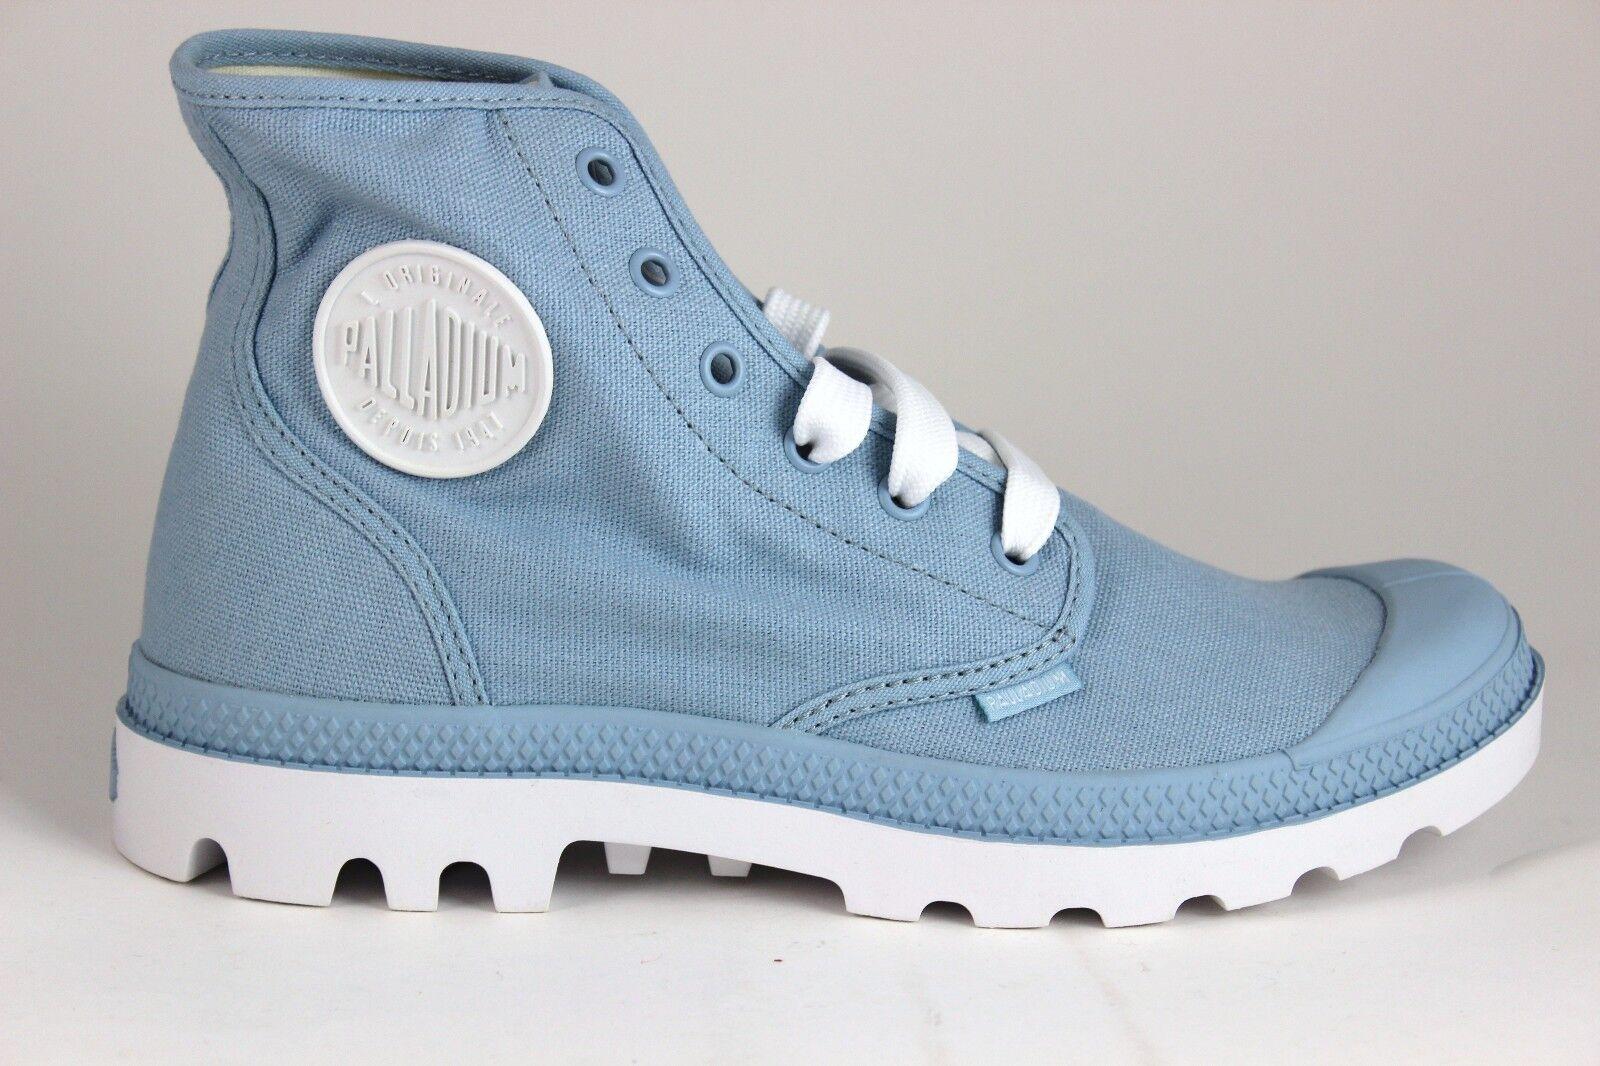 Unisex Palladium bianca Hi  72886446 Dream blu bianca Brand New in Box  autorizzazione ufficiale